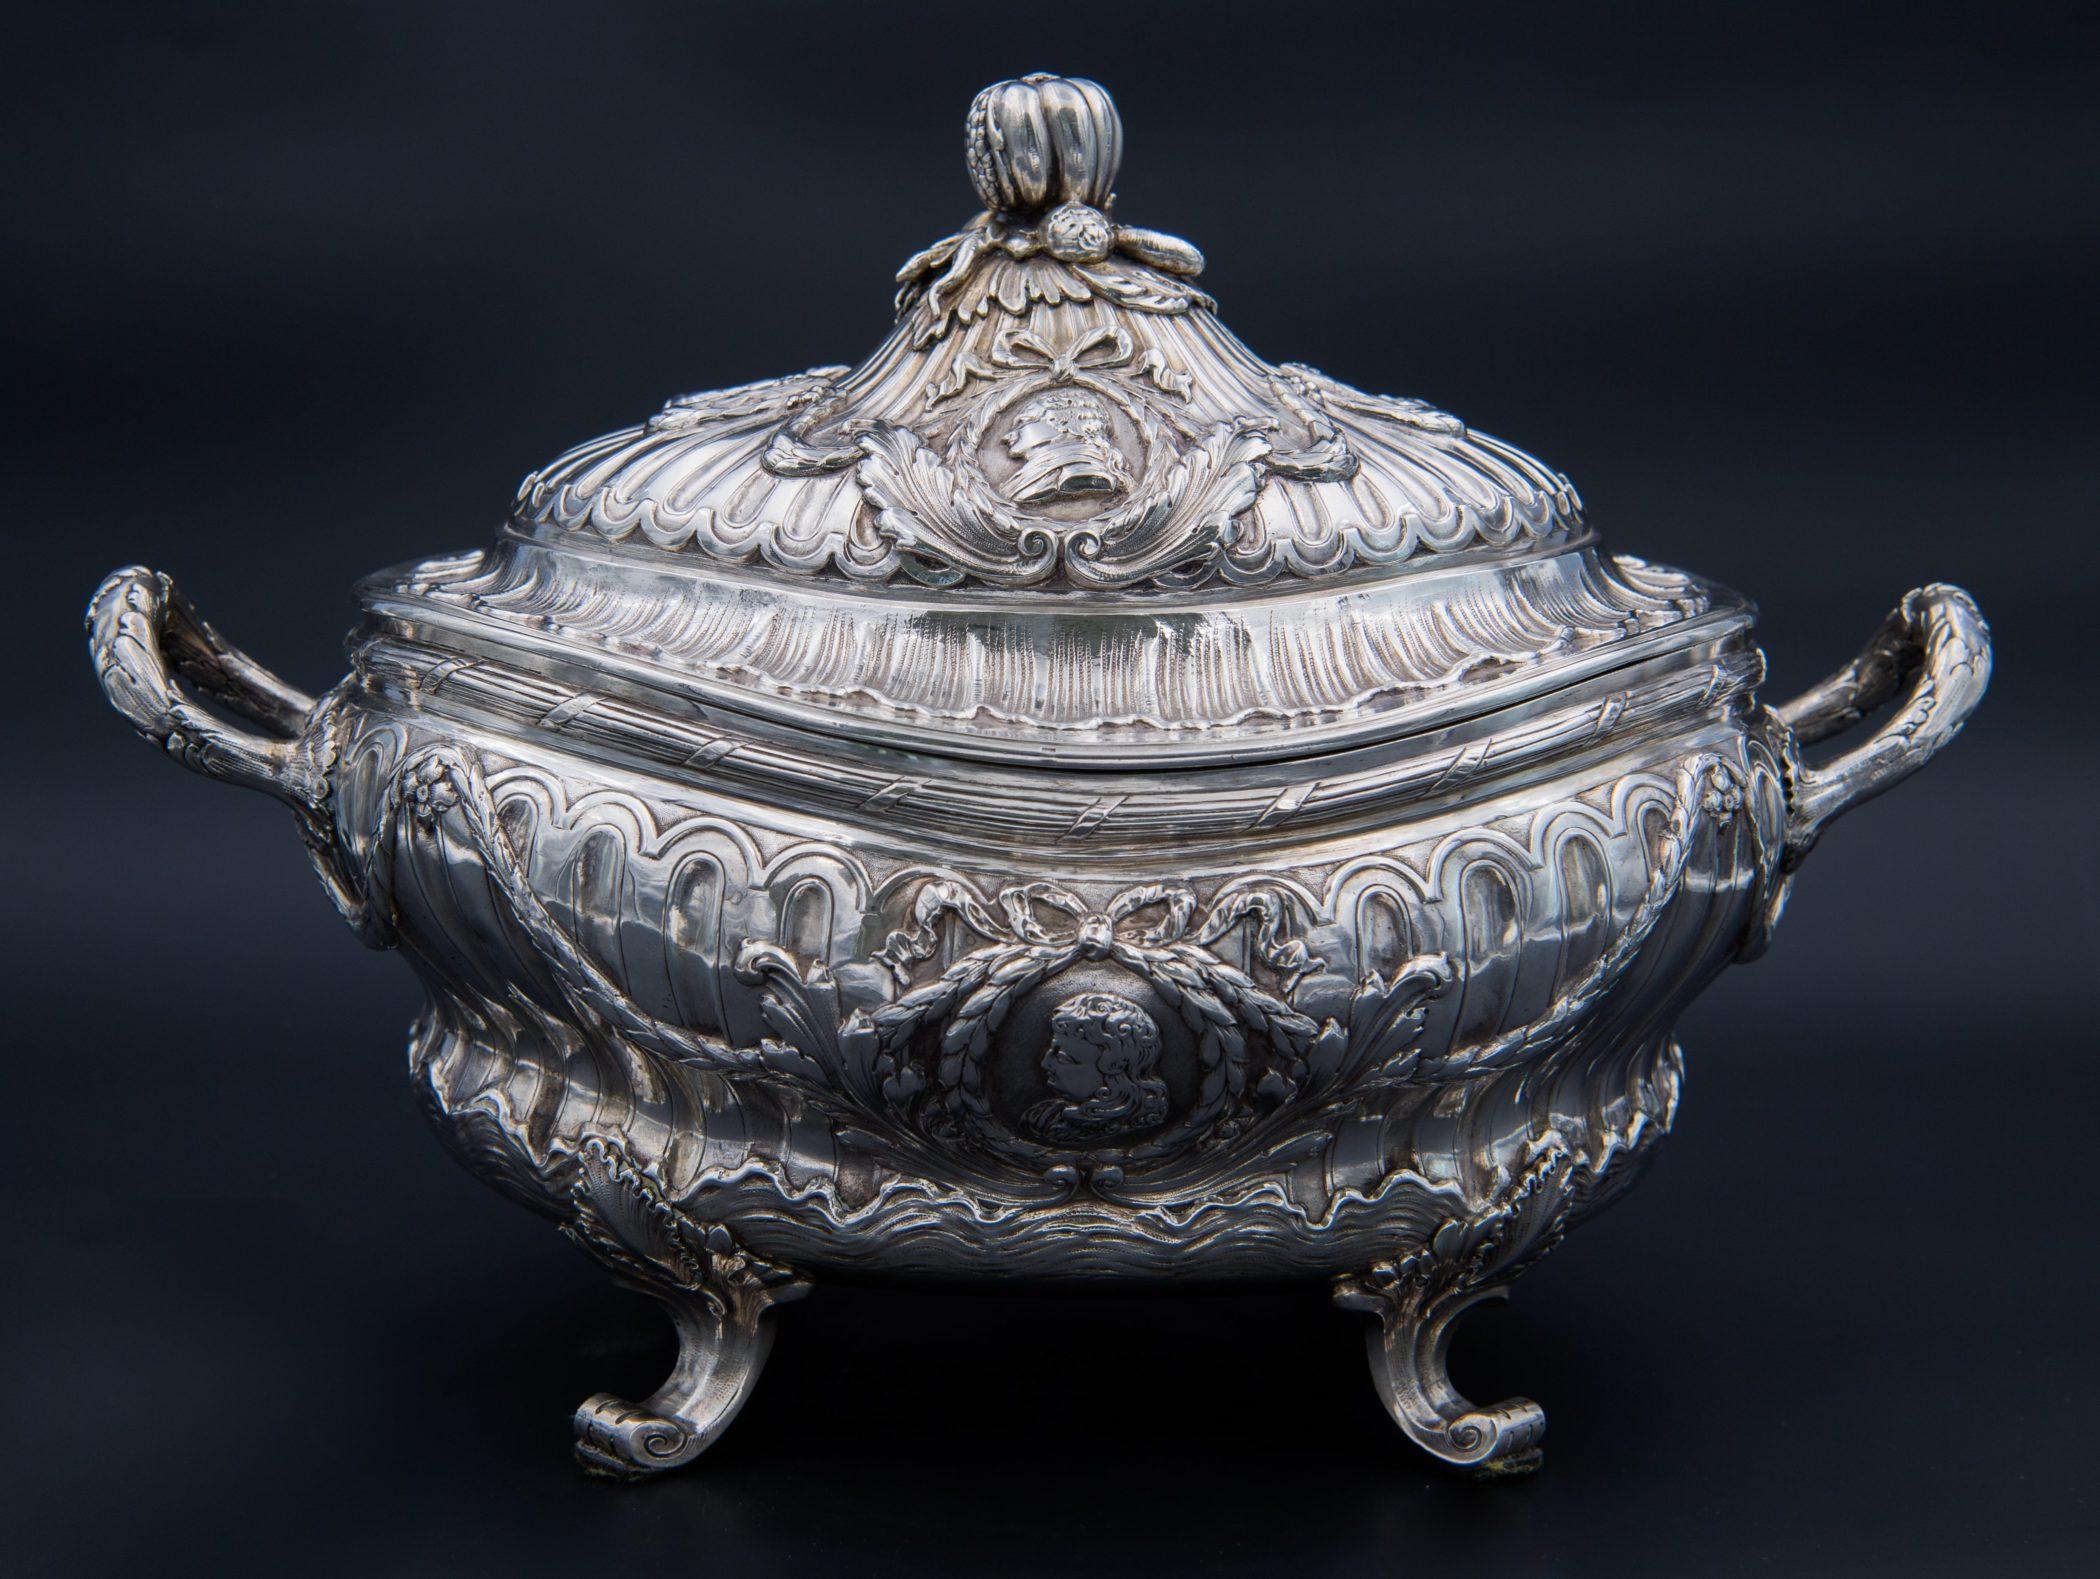 Légumier en argent massif, fin XVIIIe siècle.